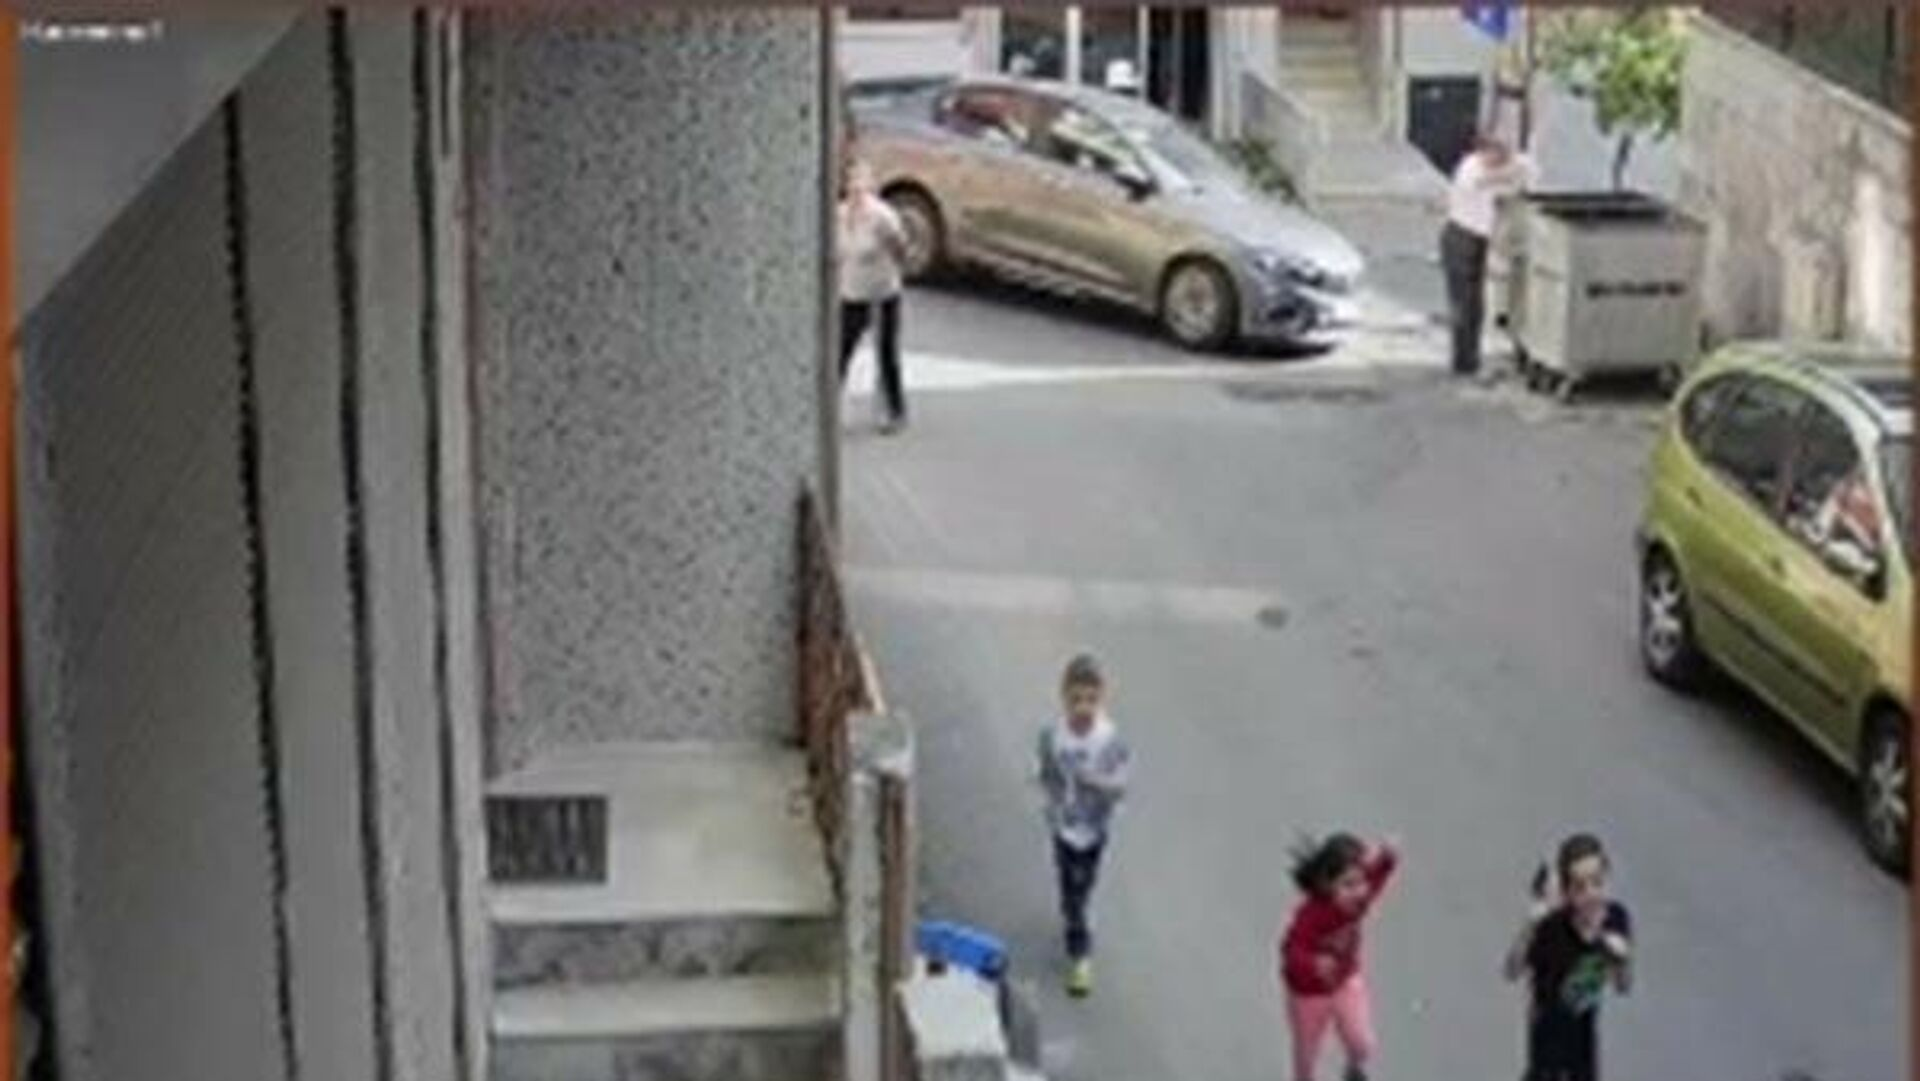 Şişli'de feci kaza kamerada: Çöp atarken dehşeti yaşadı - Sputnik Türkiye, 1920, 08.09.2021